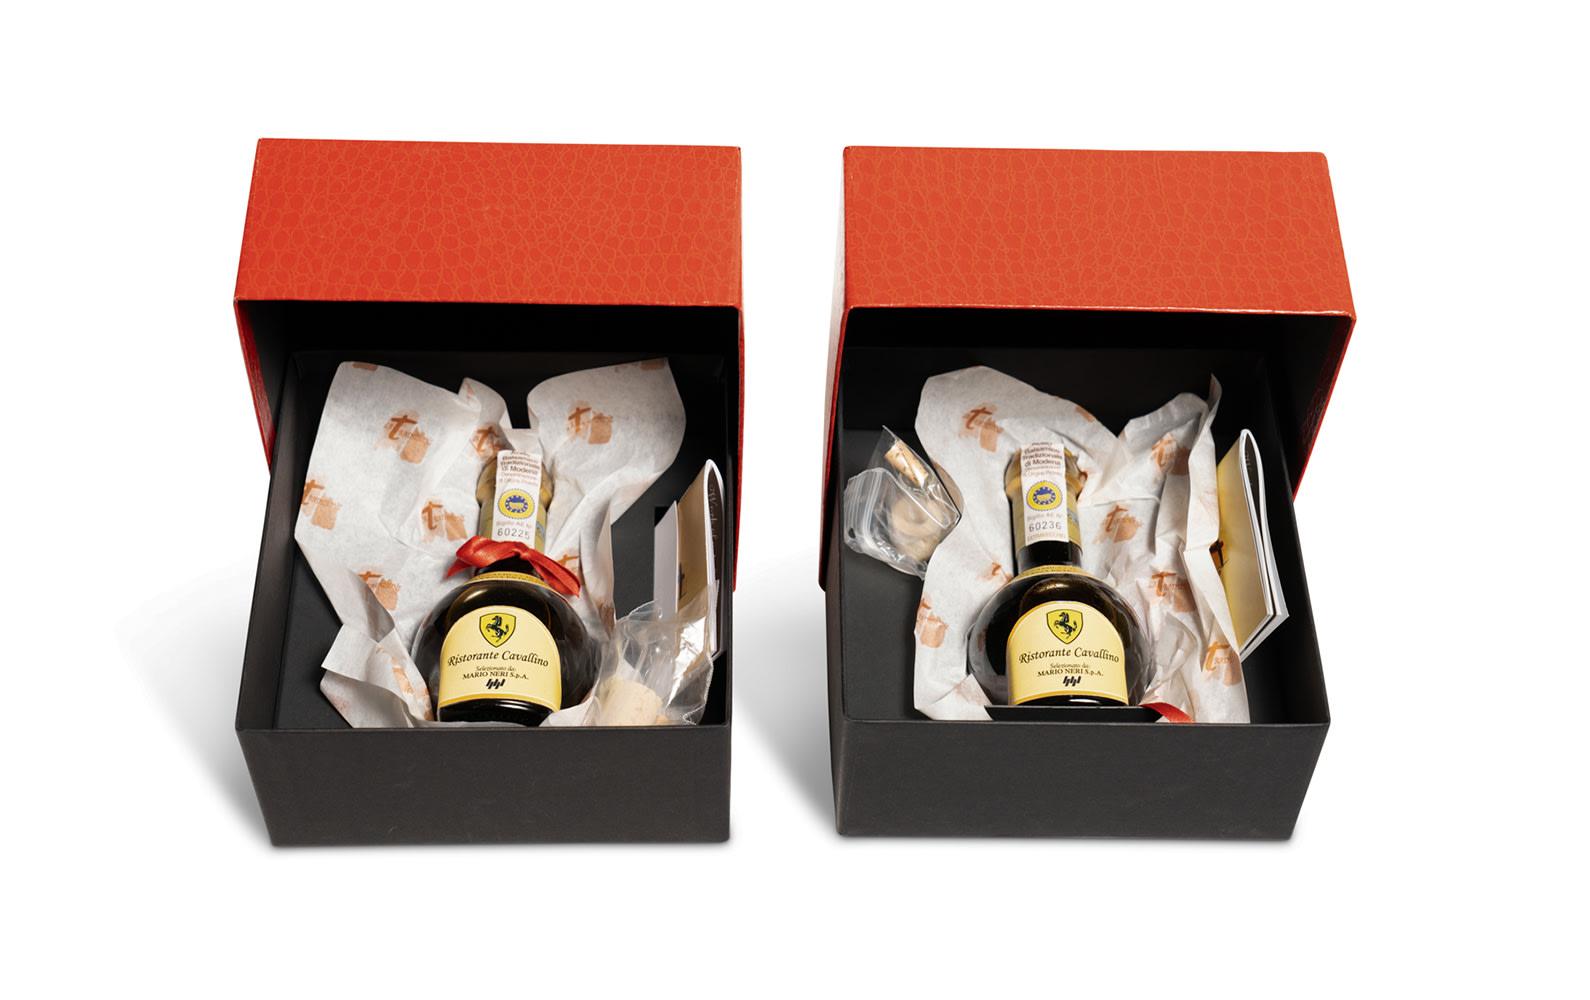 Balsamic Vinegar Gift Sets from Ristorante Cavallino, Maranello, Italy